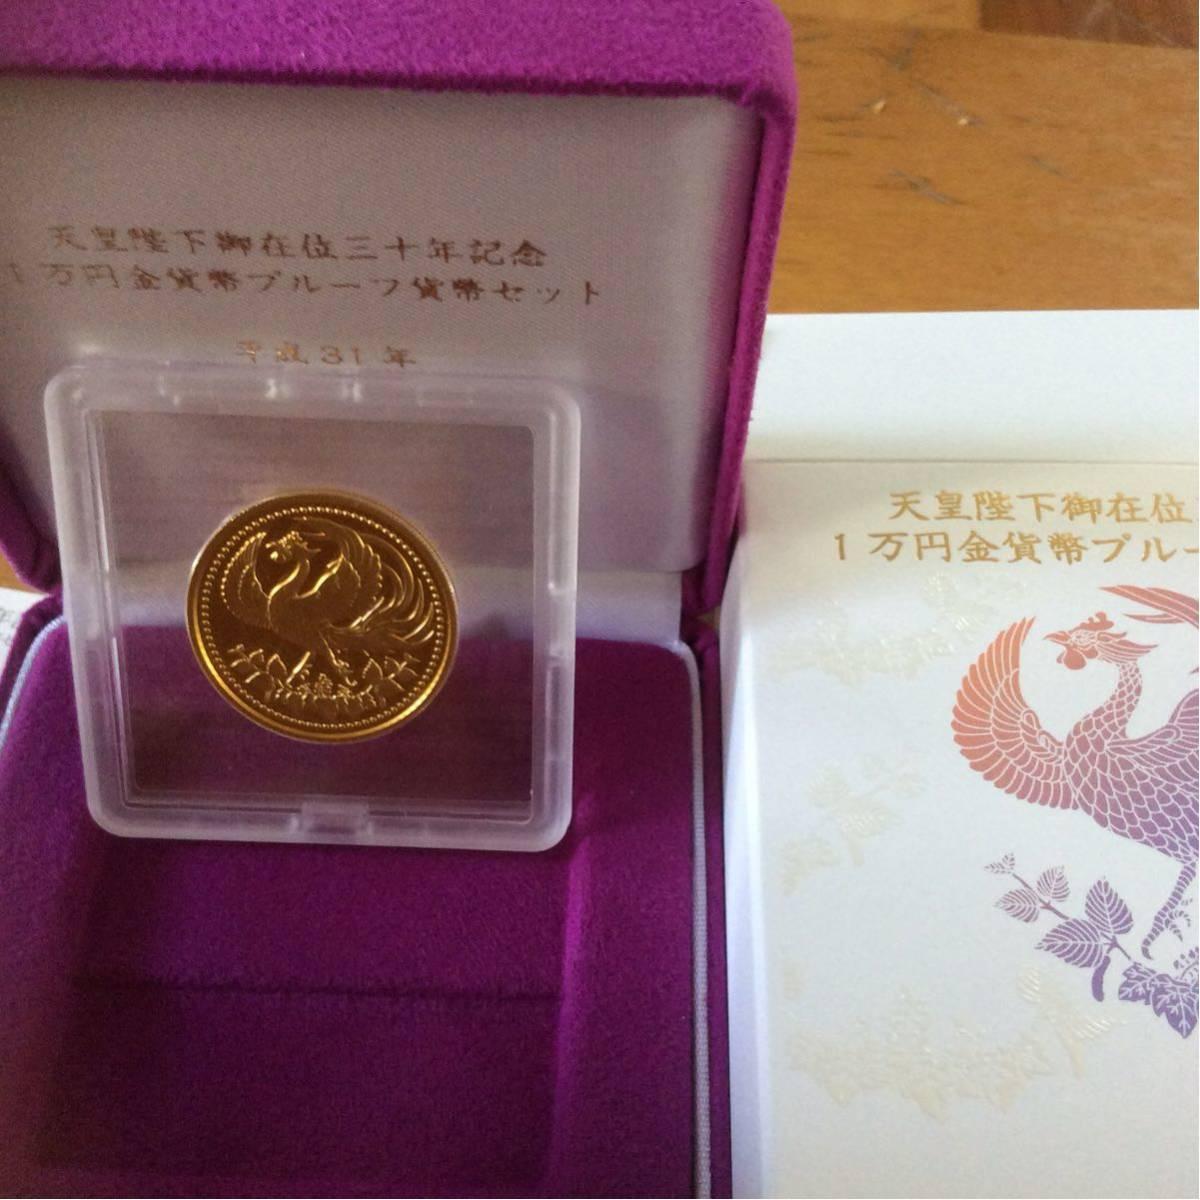 天皇陛下御在位30年記念金貨セットプルーフ貨幣セット一万円記念金貨セット_画像7